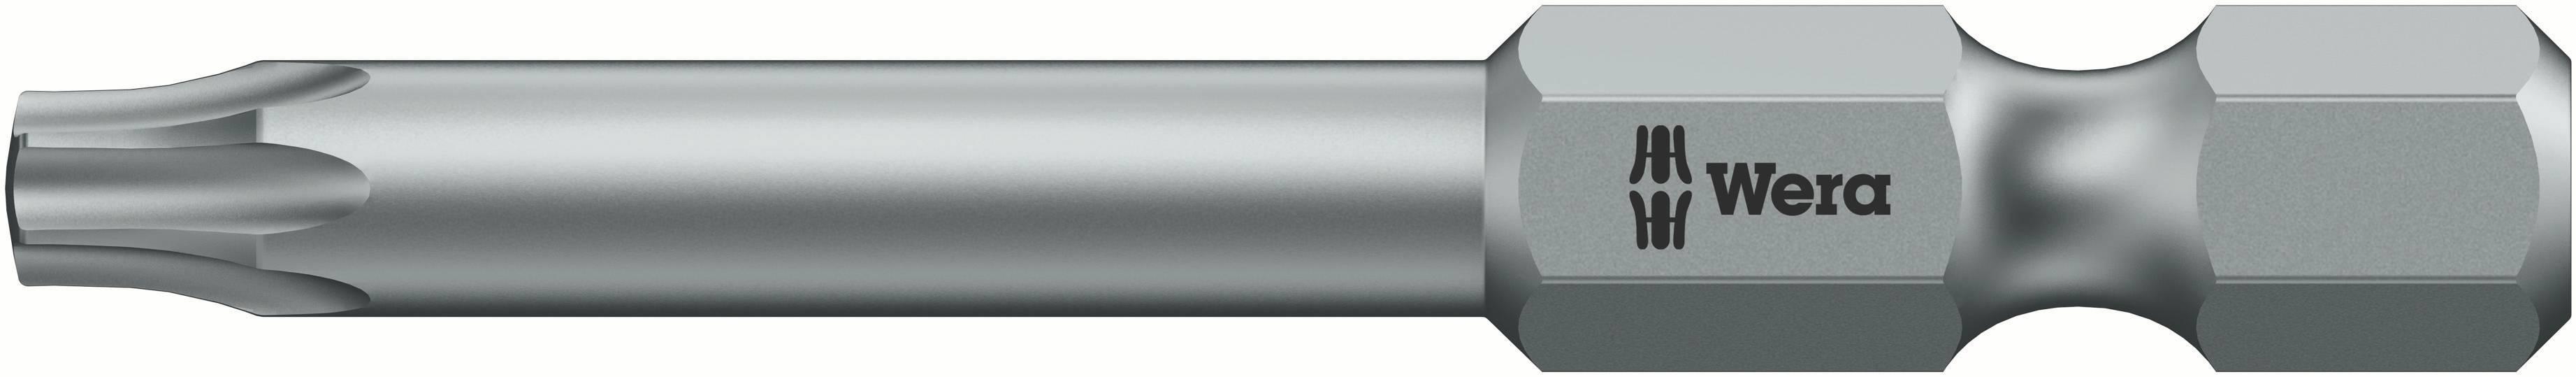 Bit Torx Wera 867 / 4 Z TORX 40 X 70 MM 05060130001, 70 mm, nástrojová oceľ, legované, 1 ks